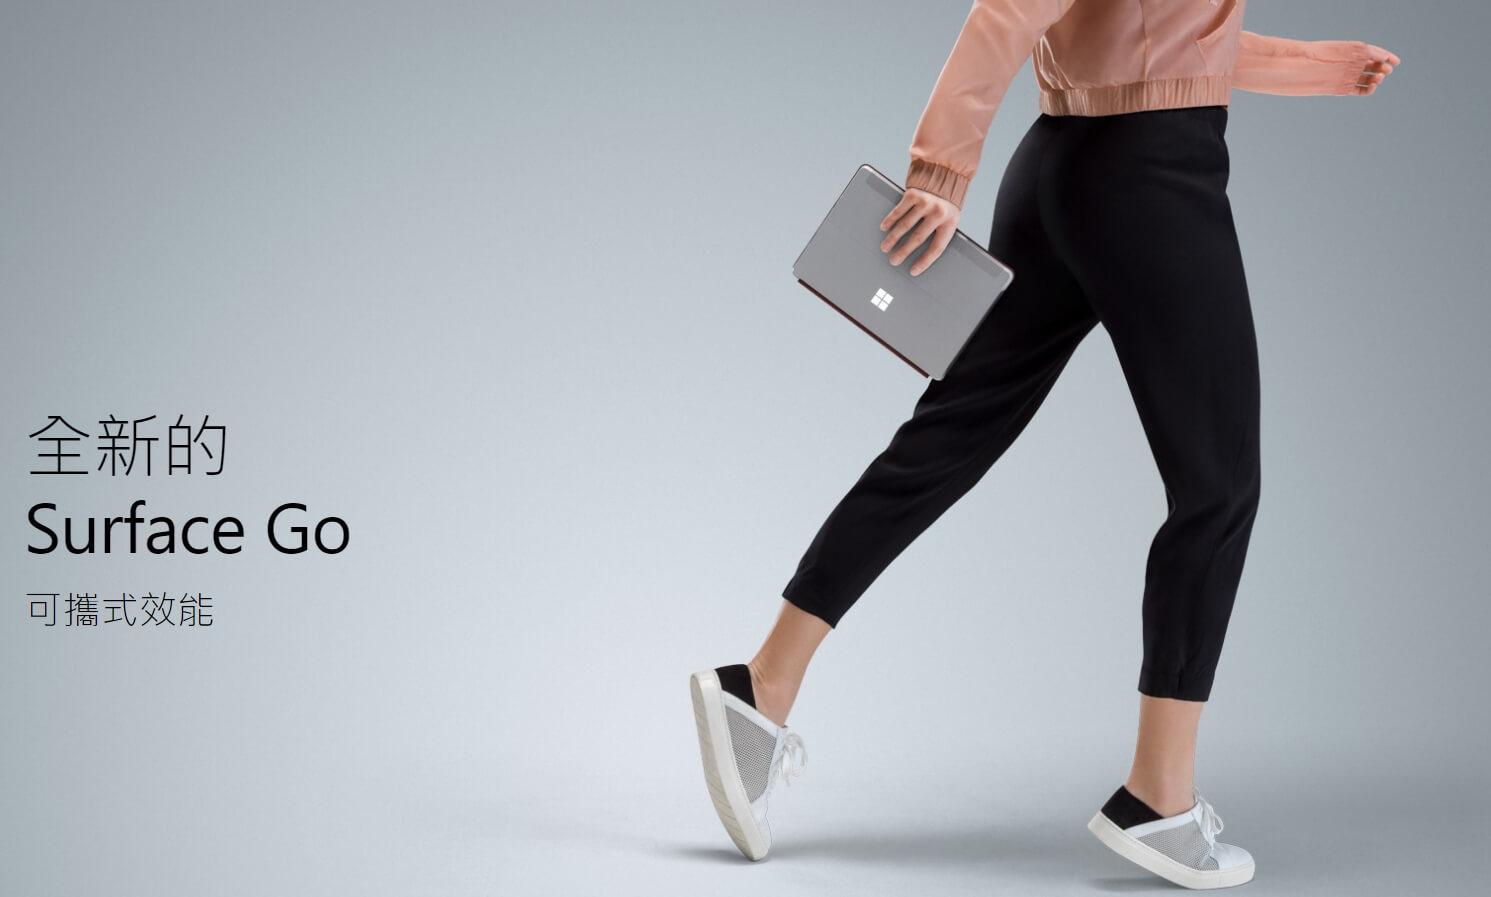 Surface Go T26TT-14-SG(8/128G/PRO/3Y)-EDU 教育版 主機硬體有限三年保固(台銀標規格)